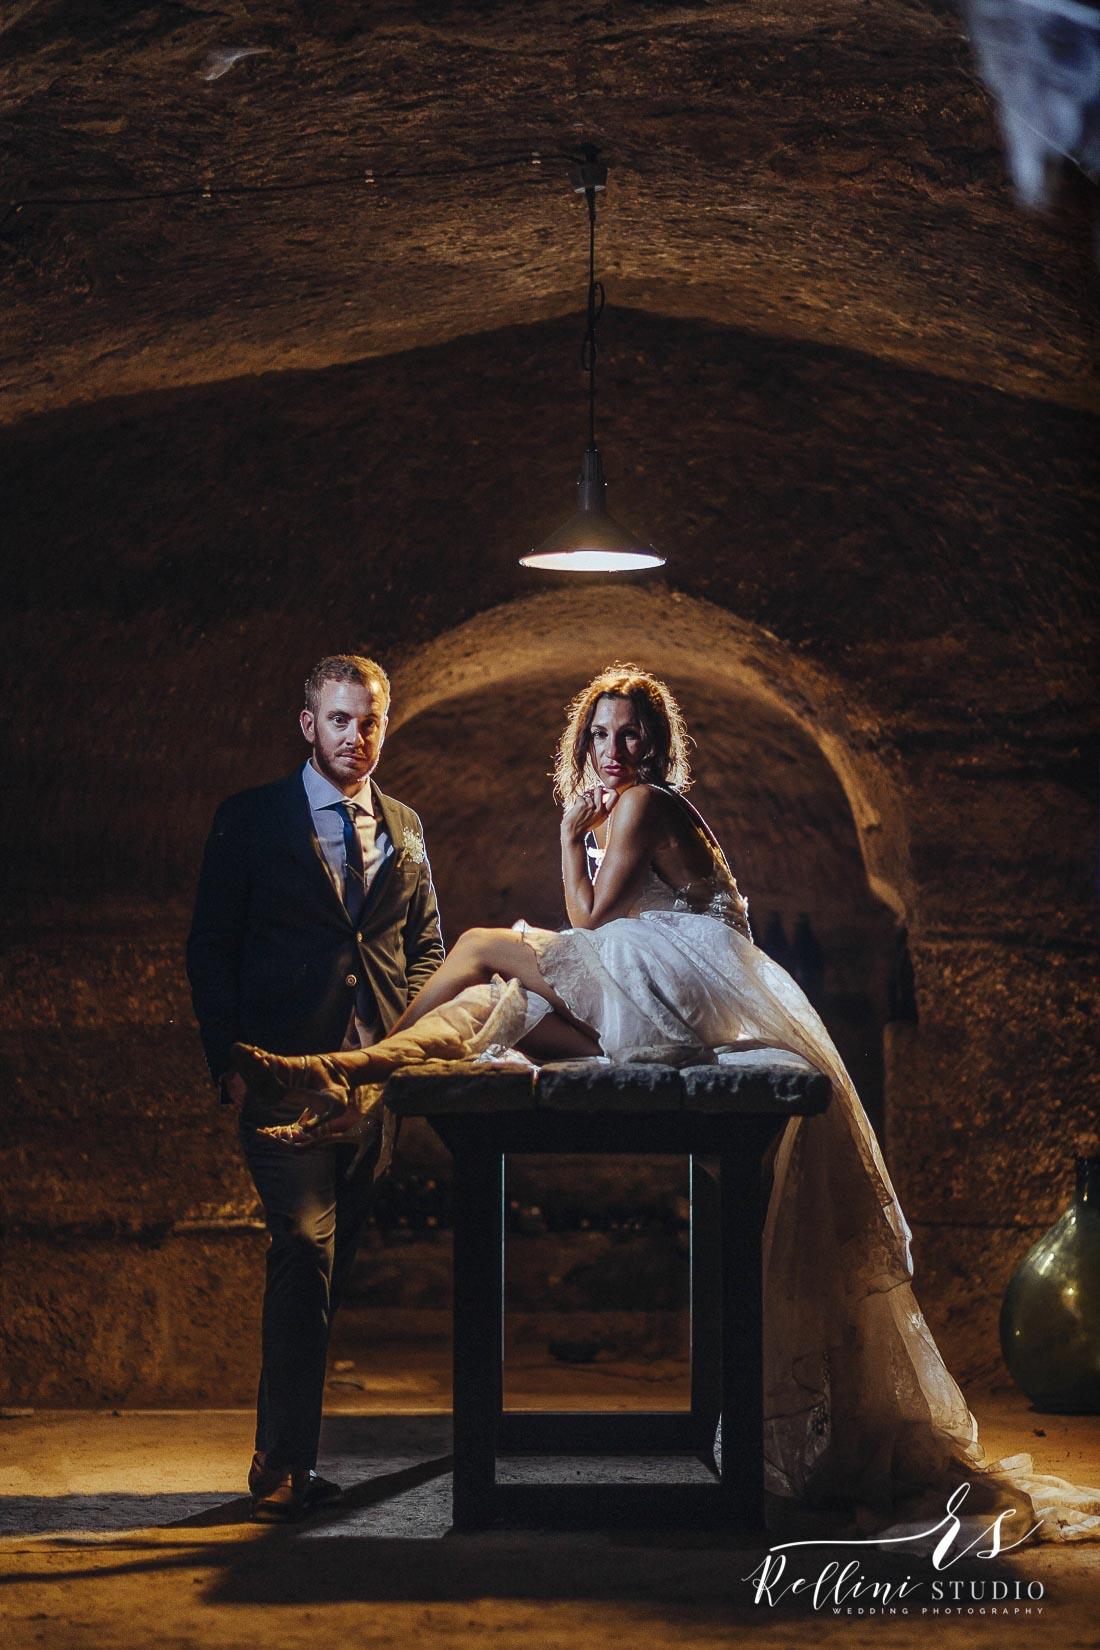 wedding at Palazzone in Orvieto 160.jpg